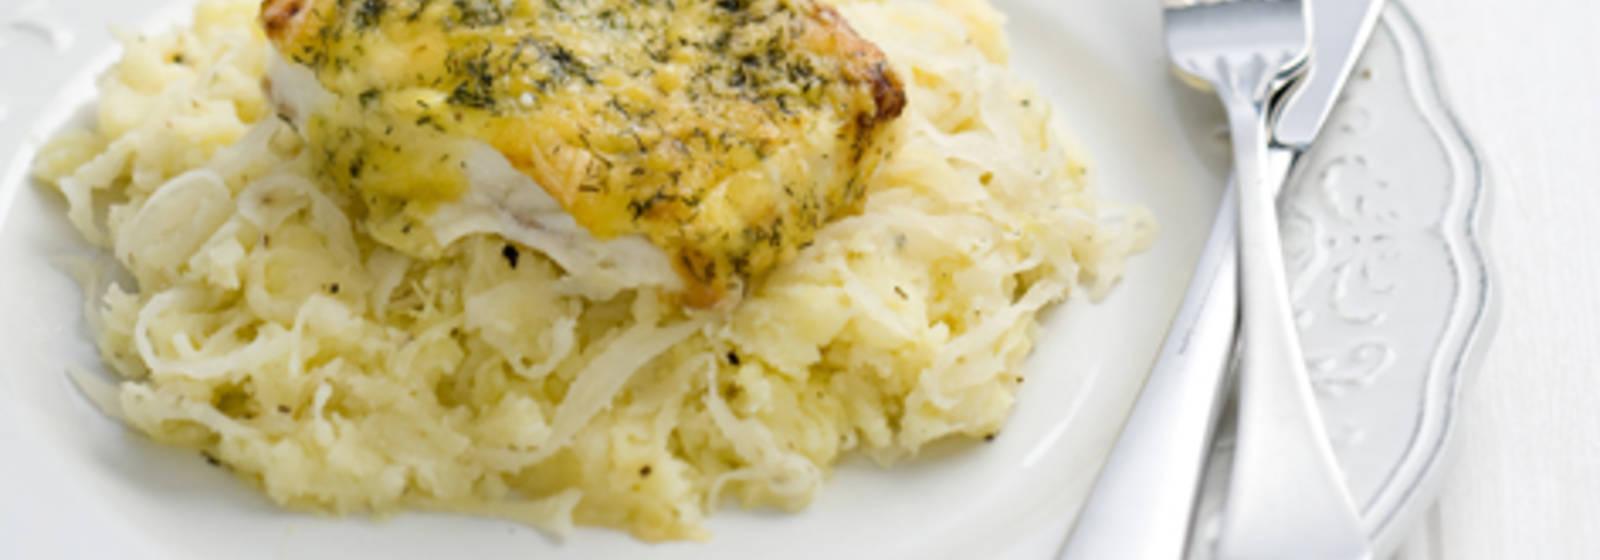 Sauerkraut stew with cod fillet